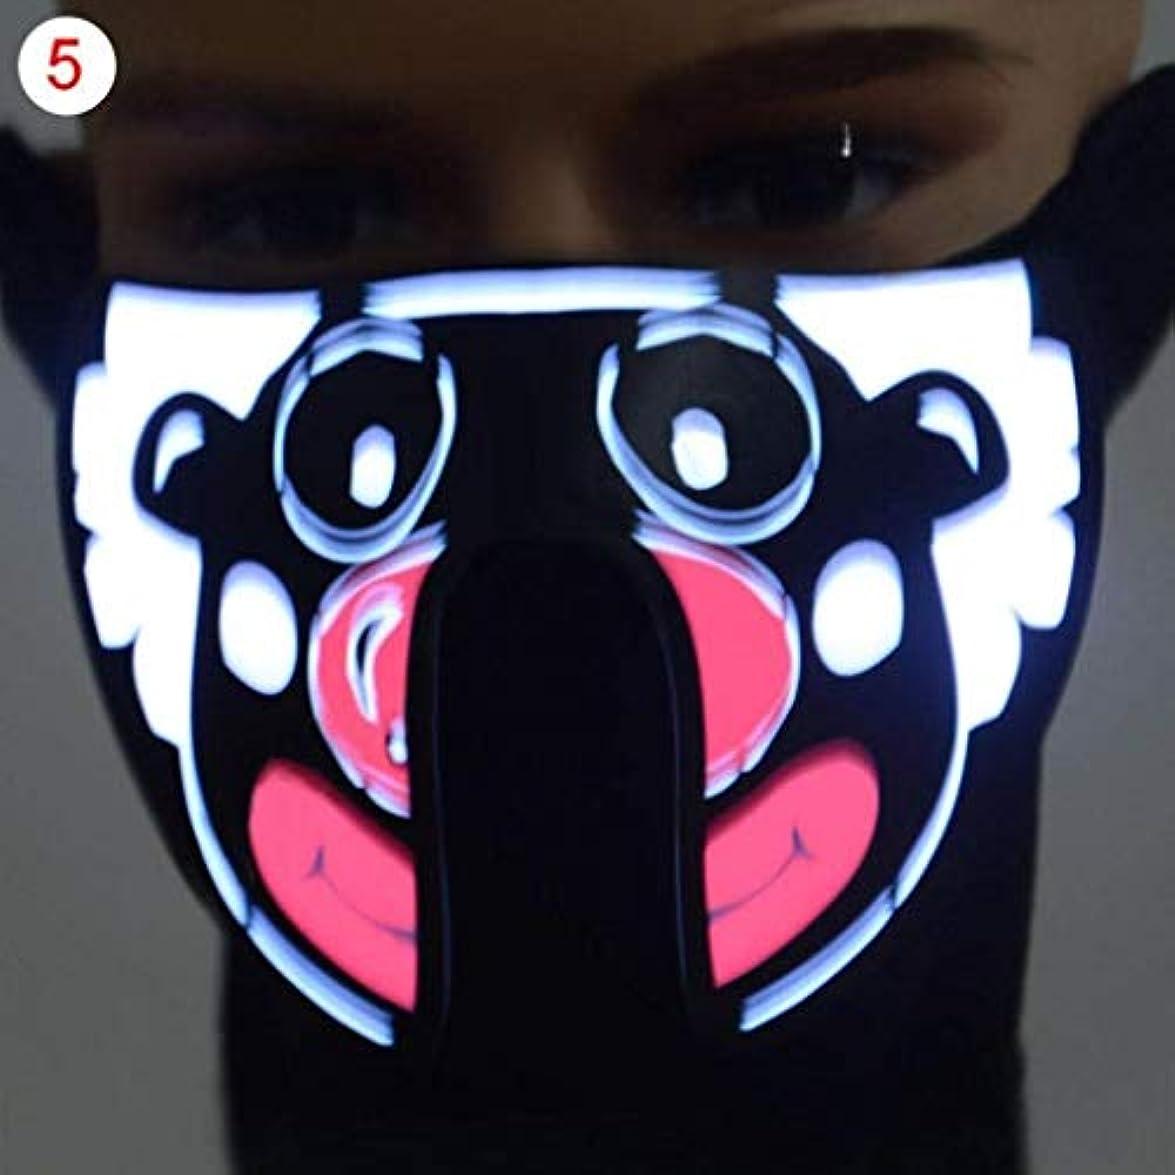 マラドロイト正しくおっとハロウィーン新年パーティーネックフードのフェイスマスク (Color : 1)